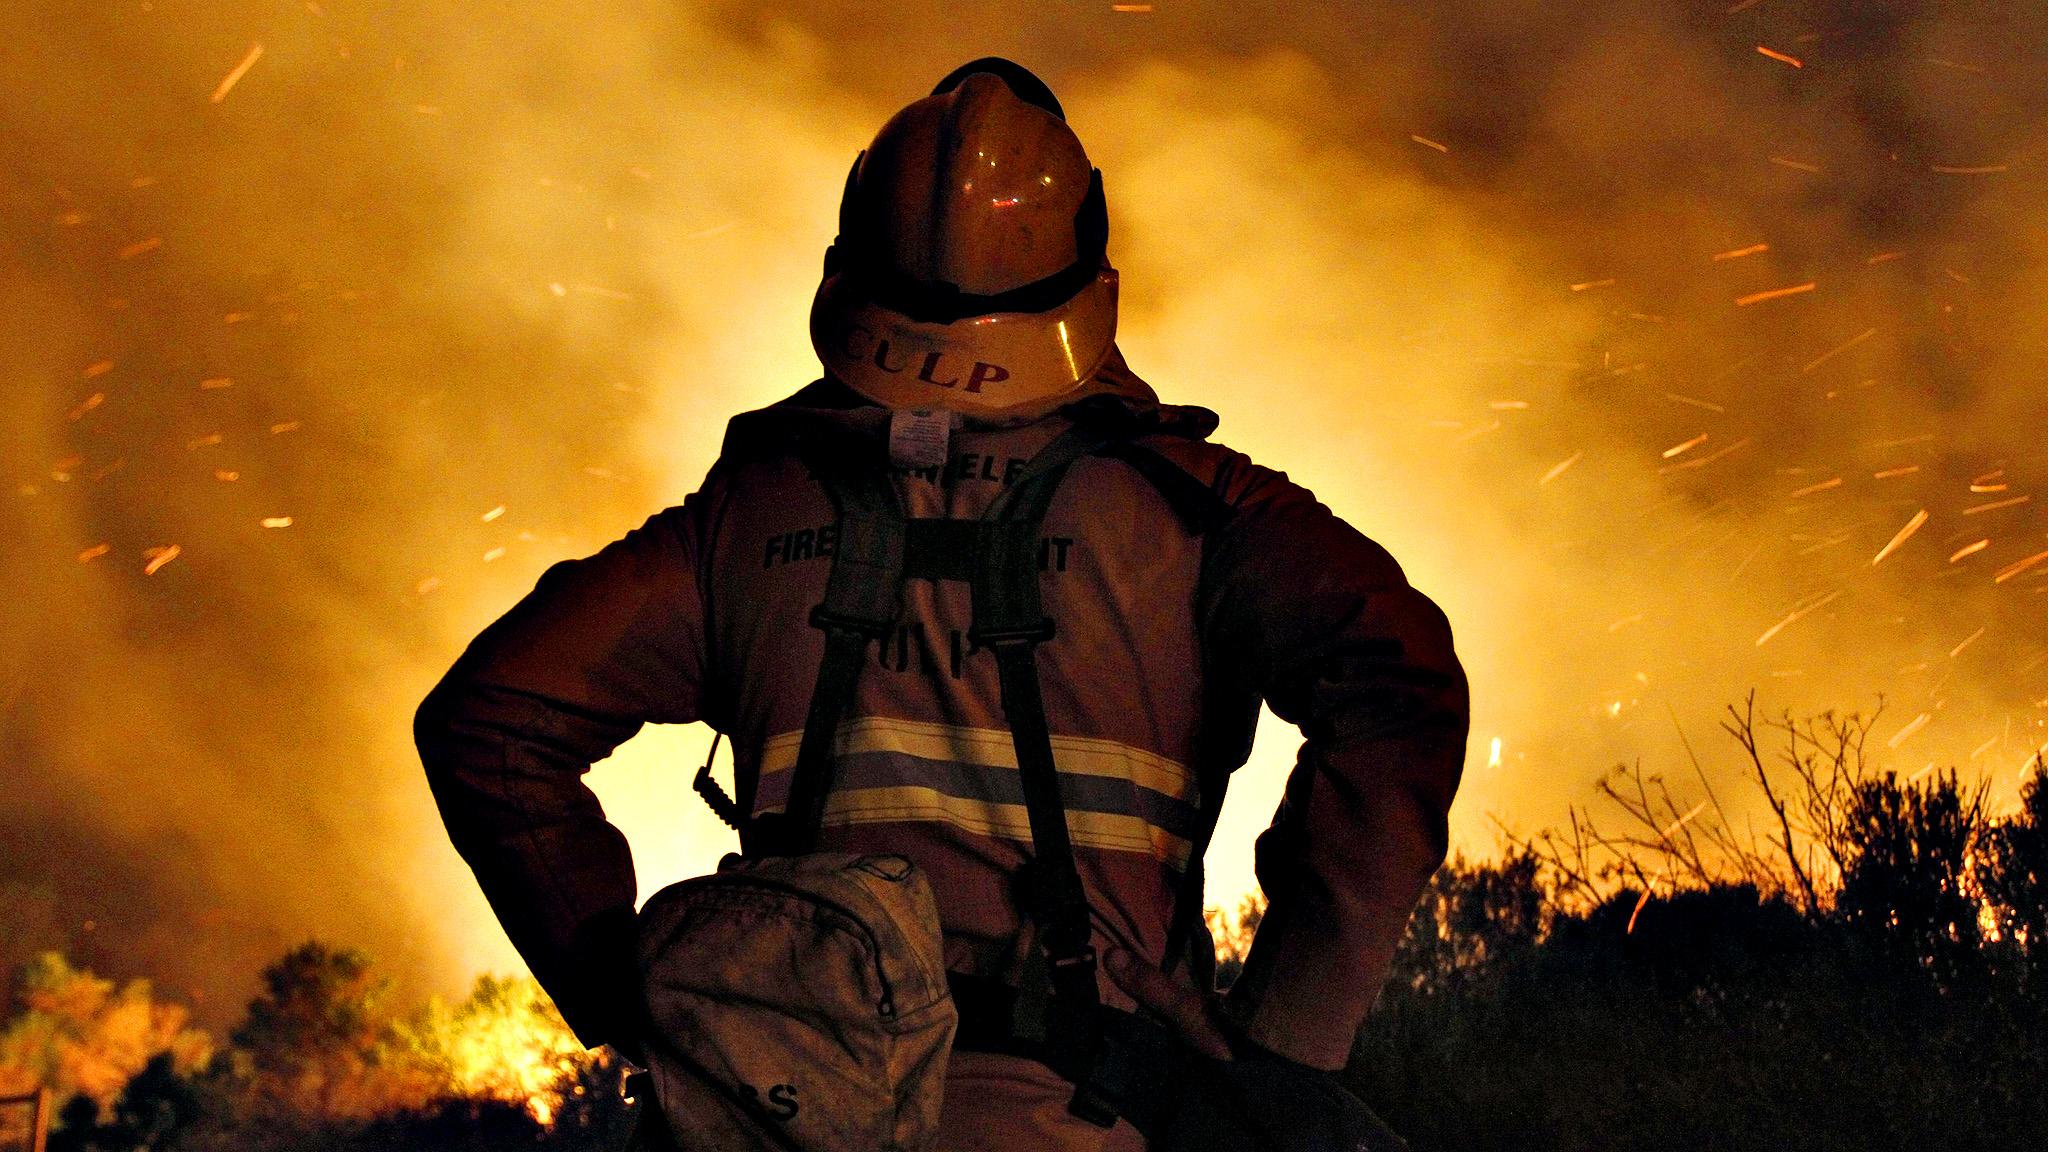 пожарная тематика картинки и обои данный момент представленное